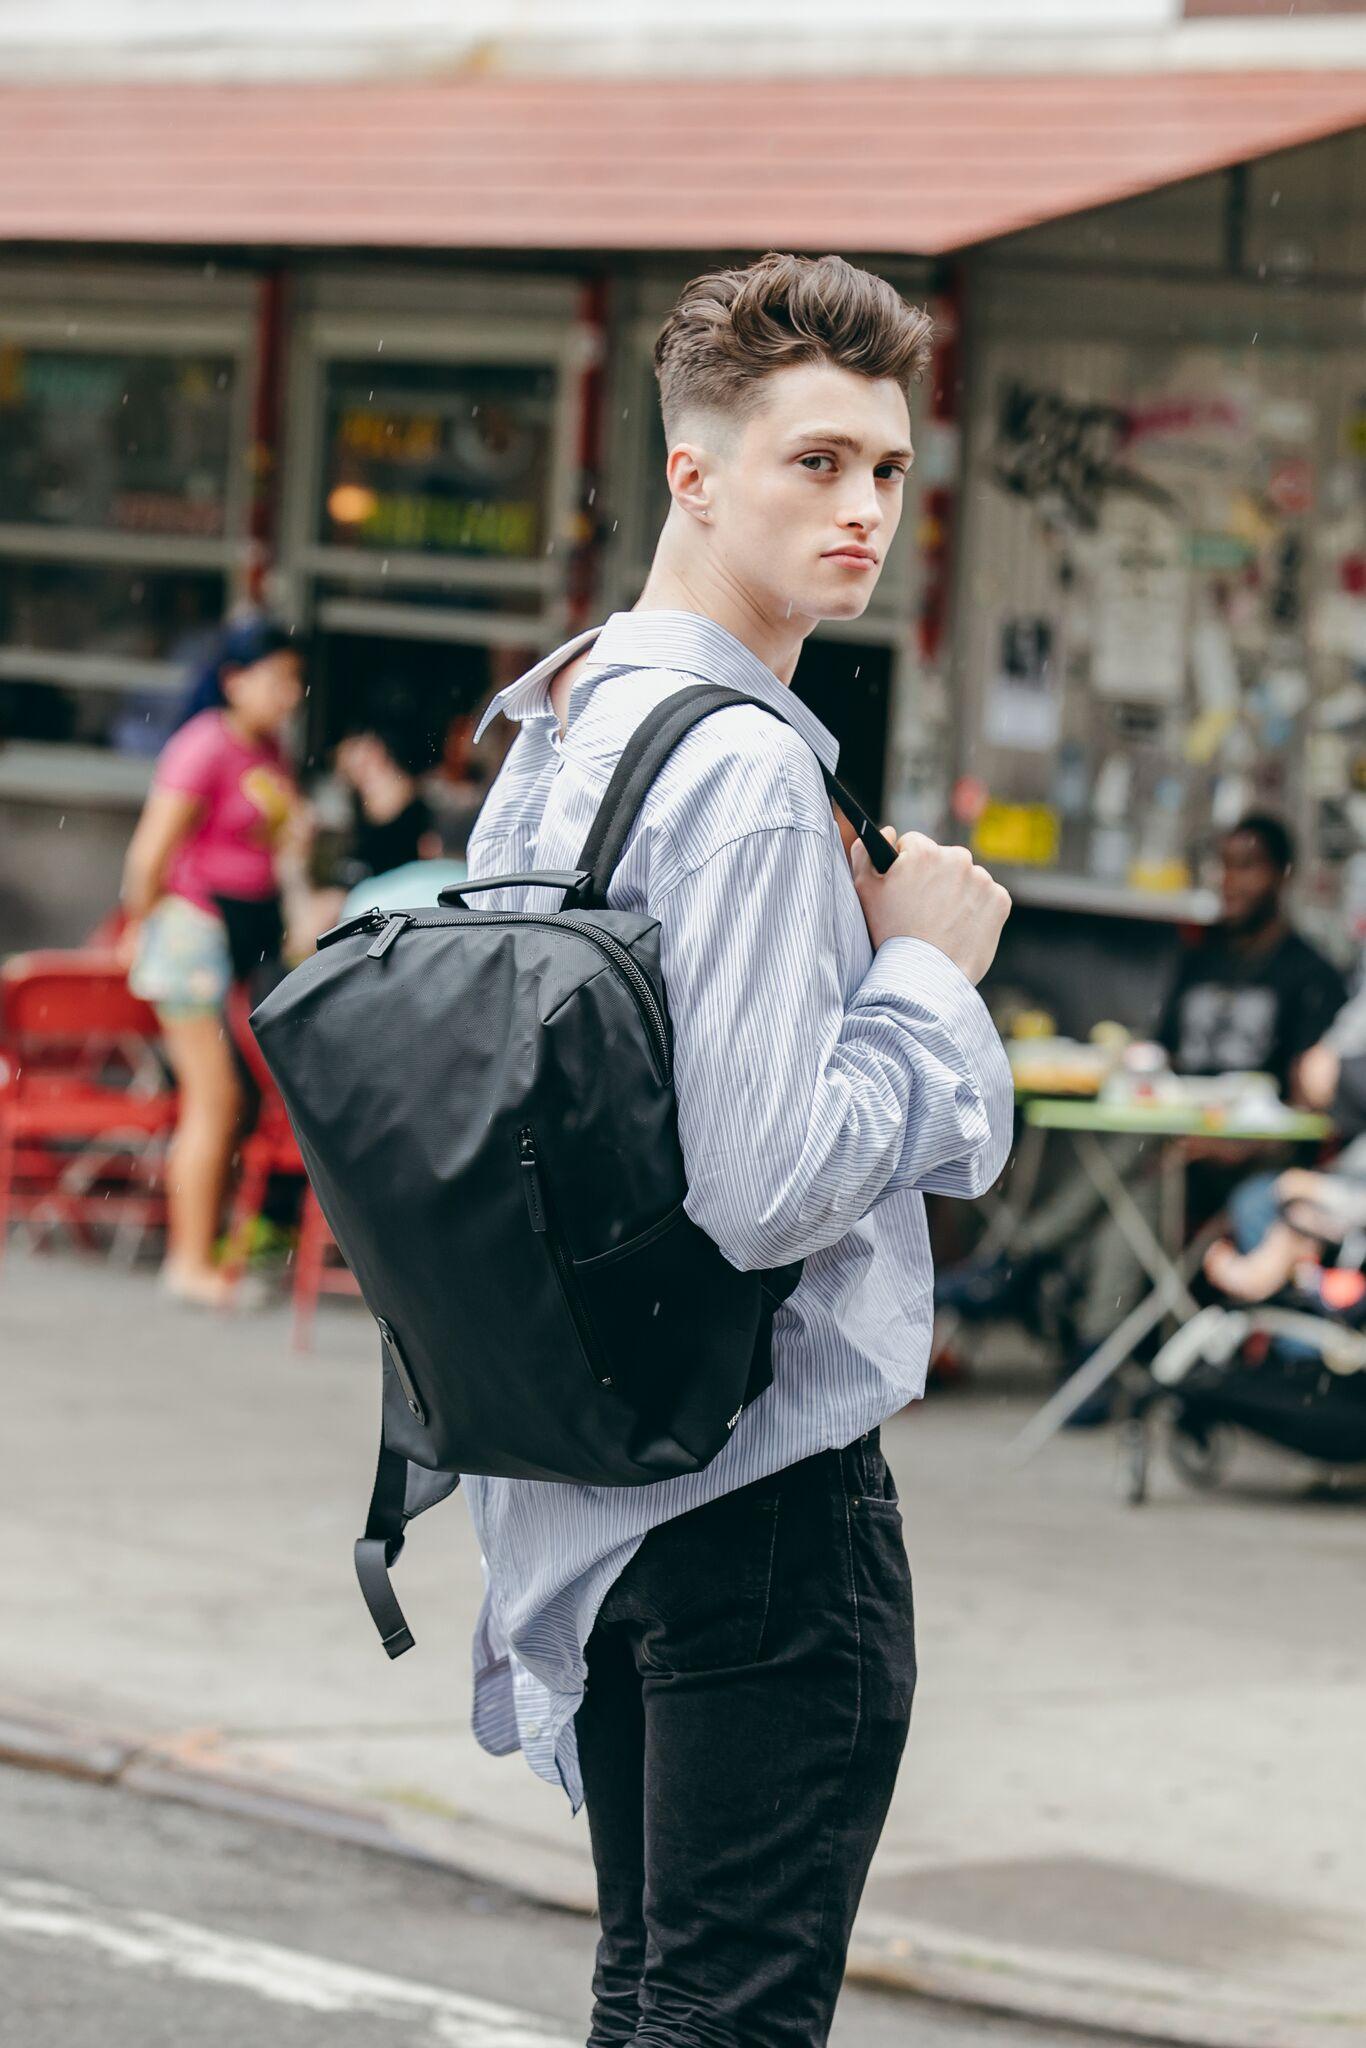 你一定要知道的这些小众的设计包包!你一定要知道的这些小众的设计包包!你一定要知道的这些小众的设计包包!你一定要知道的这些小众的设计包包!